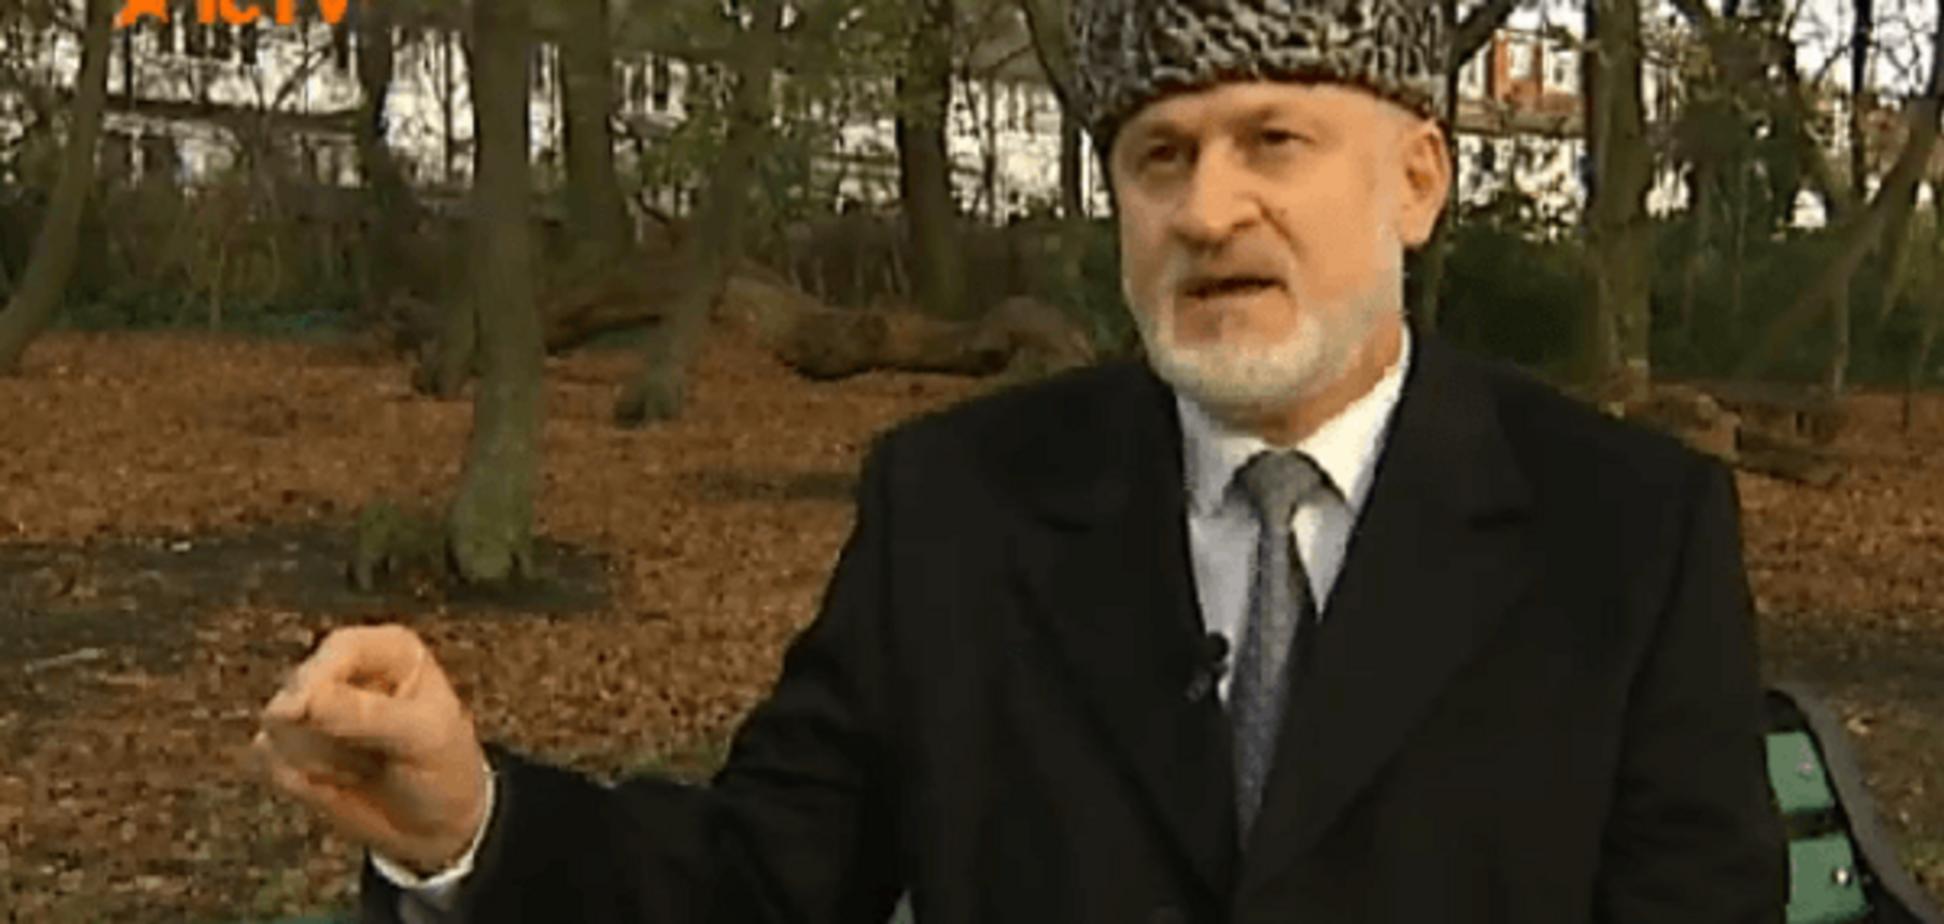 Ахмед Закаєв: у мене є докази, що ІДІЛ контролюється Путіним